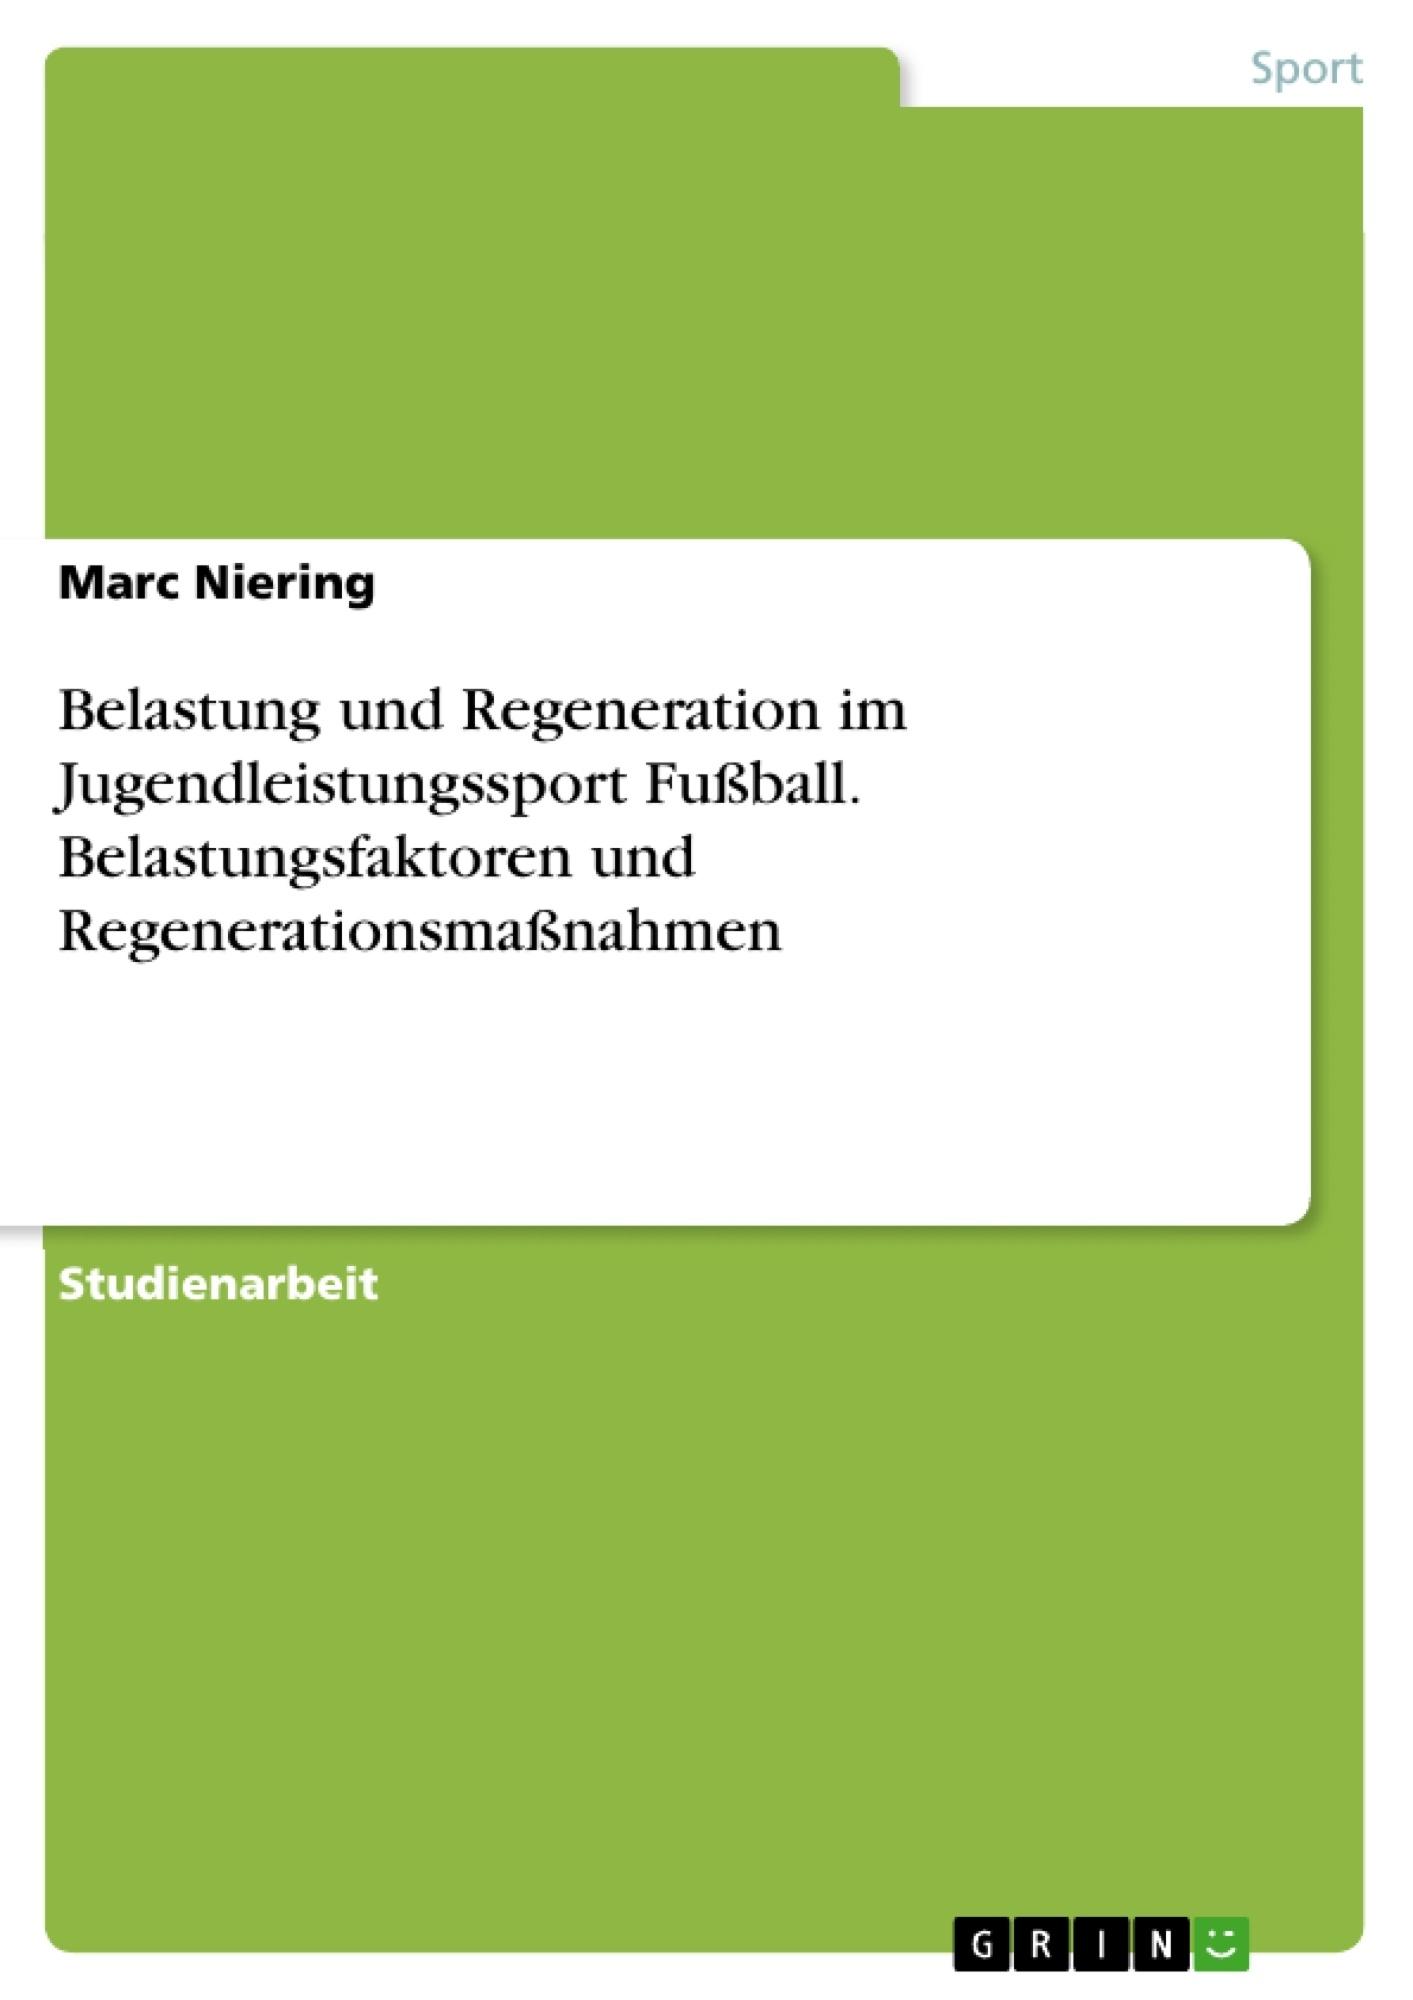 Titel: Belastung und Regeneration im Jugendleistungssport Fußball. Belastungsfaktoren und Regenerationsmaßnahmen